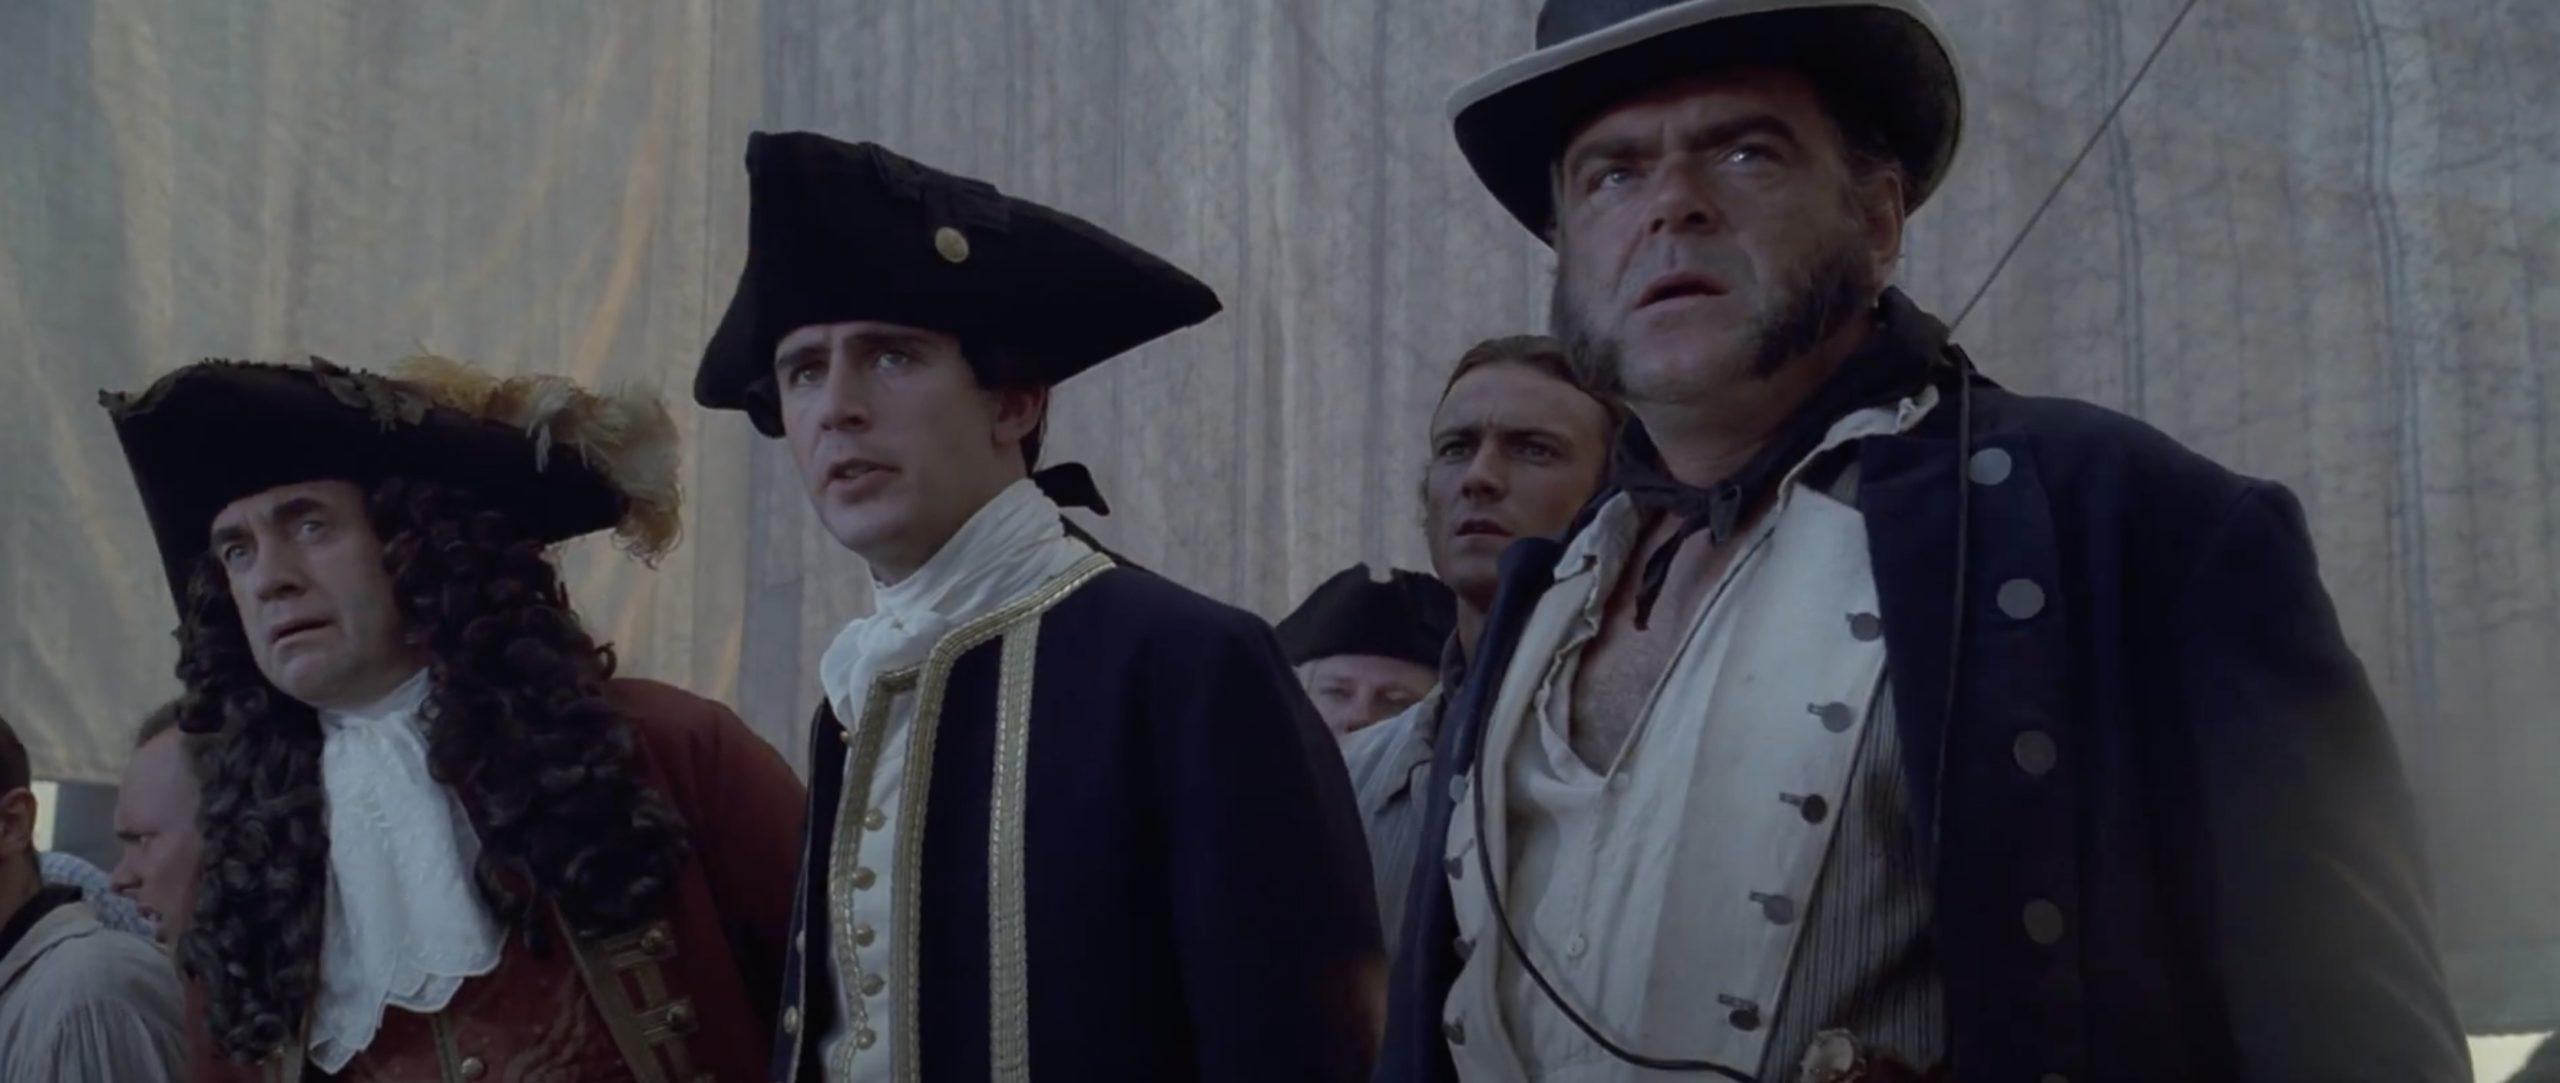 映画|パイレーツ・オブ・カリビアン/呪われた海賊たちの動画を無料視聴できる配信サイト